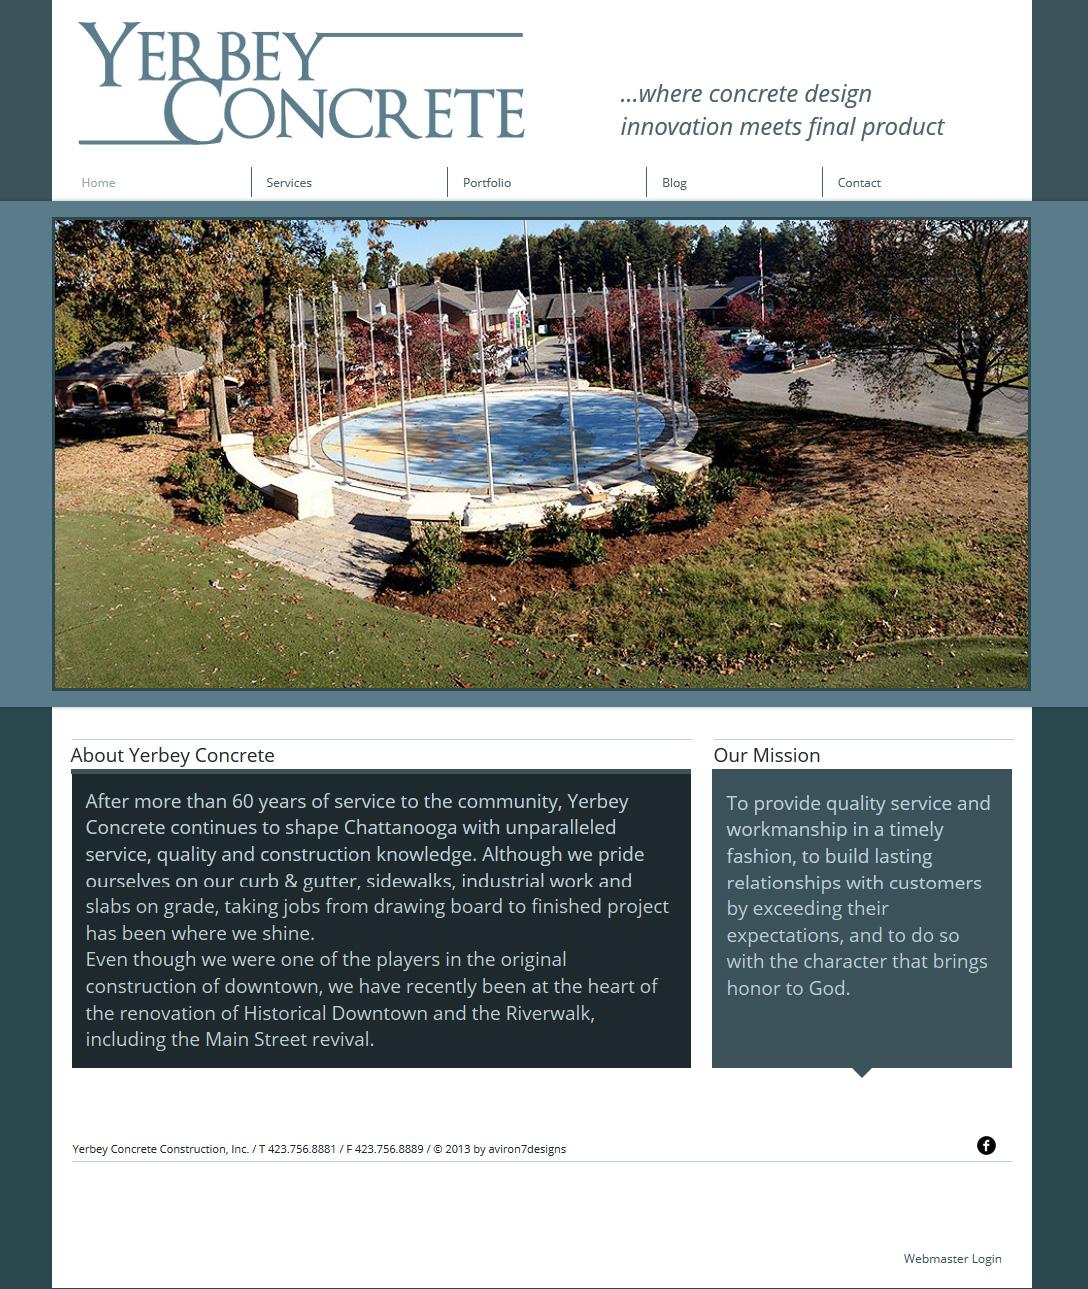 Yerbey Concrete